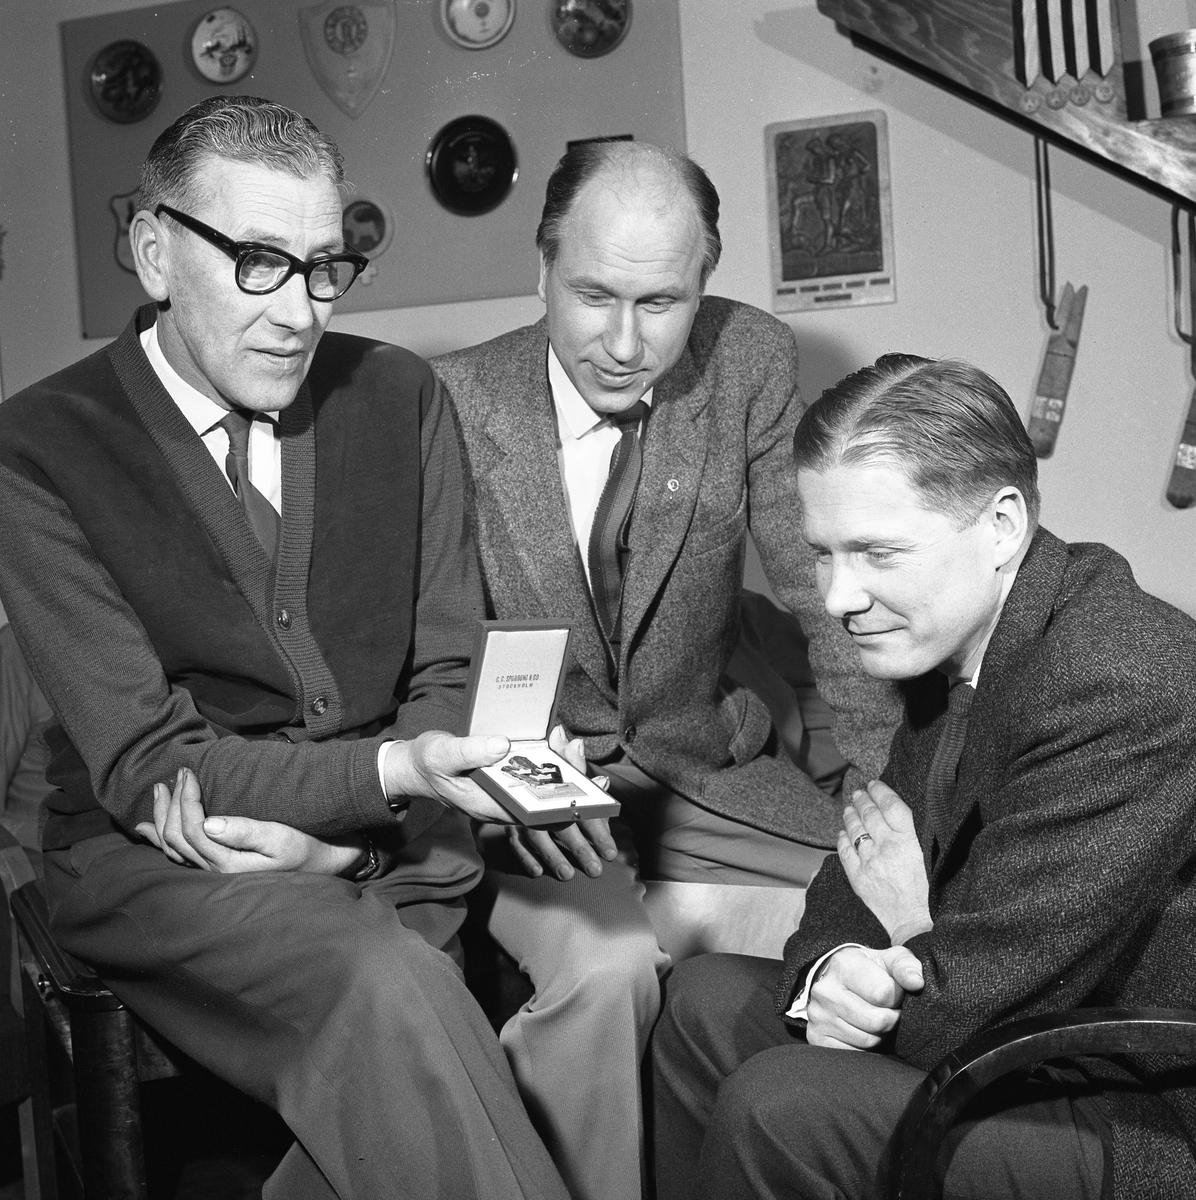 """Arboga Orienteringsklubb. Tre män tittar på en plakett som en av dem har i en ask. De befinner sig möjligen i en klubbstuga. Mannen i mitten är Lars Erjö. Från vänster: """"Pliggen"""" Lindén (har har en skoaffär), Lars Erjö (lärare) och okänd."""